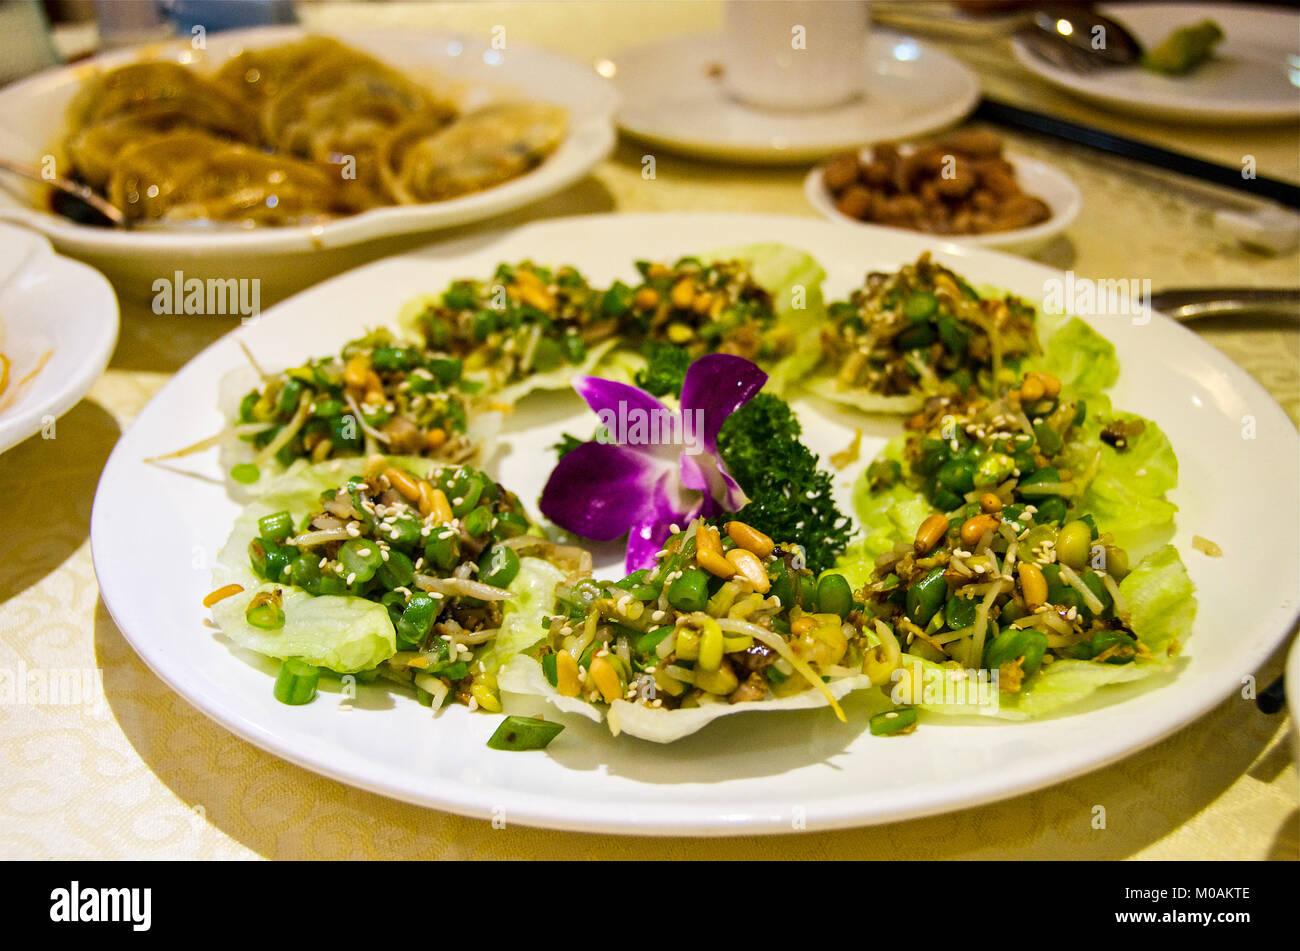 Vegan Asian Dish Stock Photo